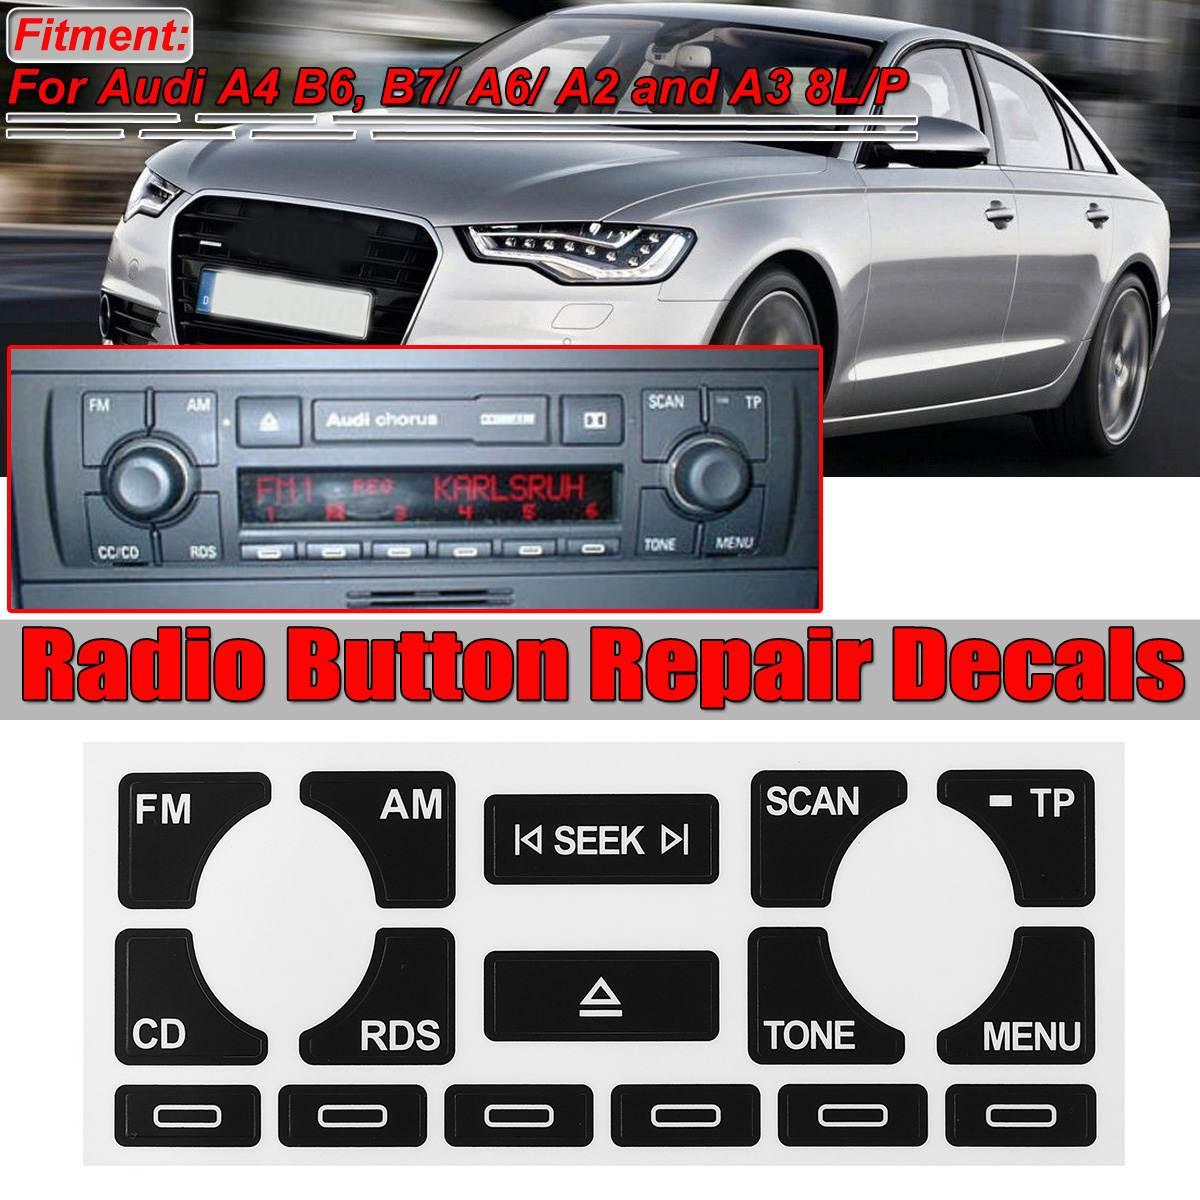 Nom de la couleur : 1pc Autocollant Autocollant Voiture R/éparation Bouton Climatiseur Autocollant For Audi A4 B6 B7 1pc 2000 /À 2004